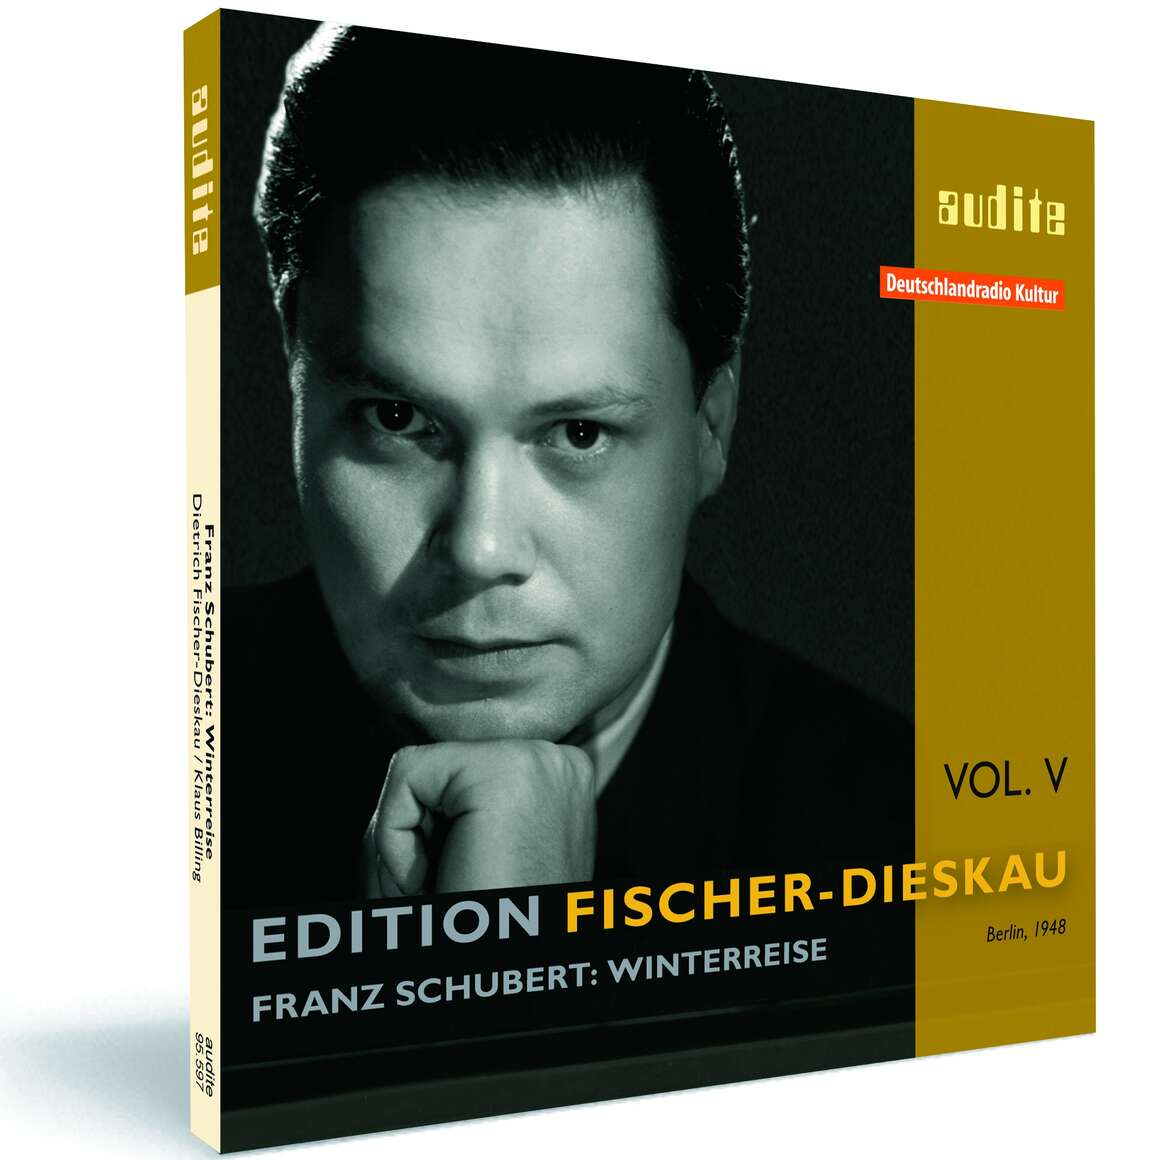 Edition Fischer-Dieskau (V) – F. Schubert: Die Winterreise (1948)